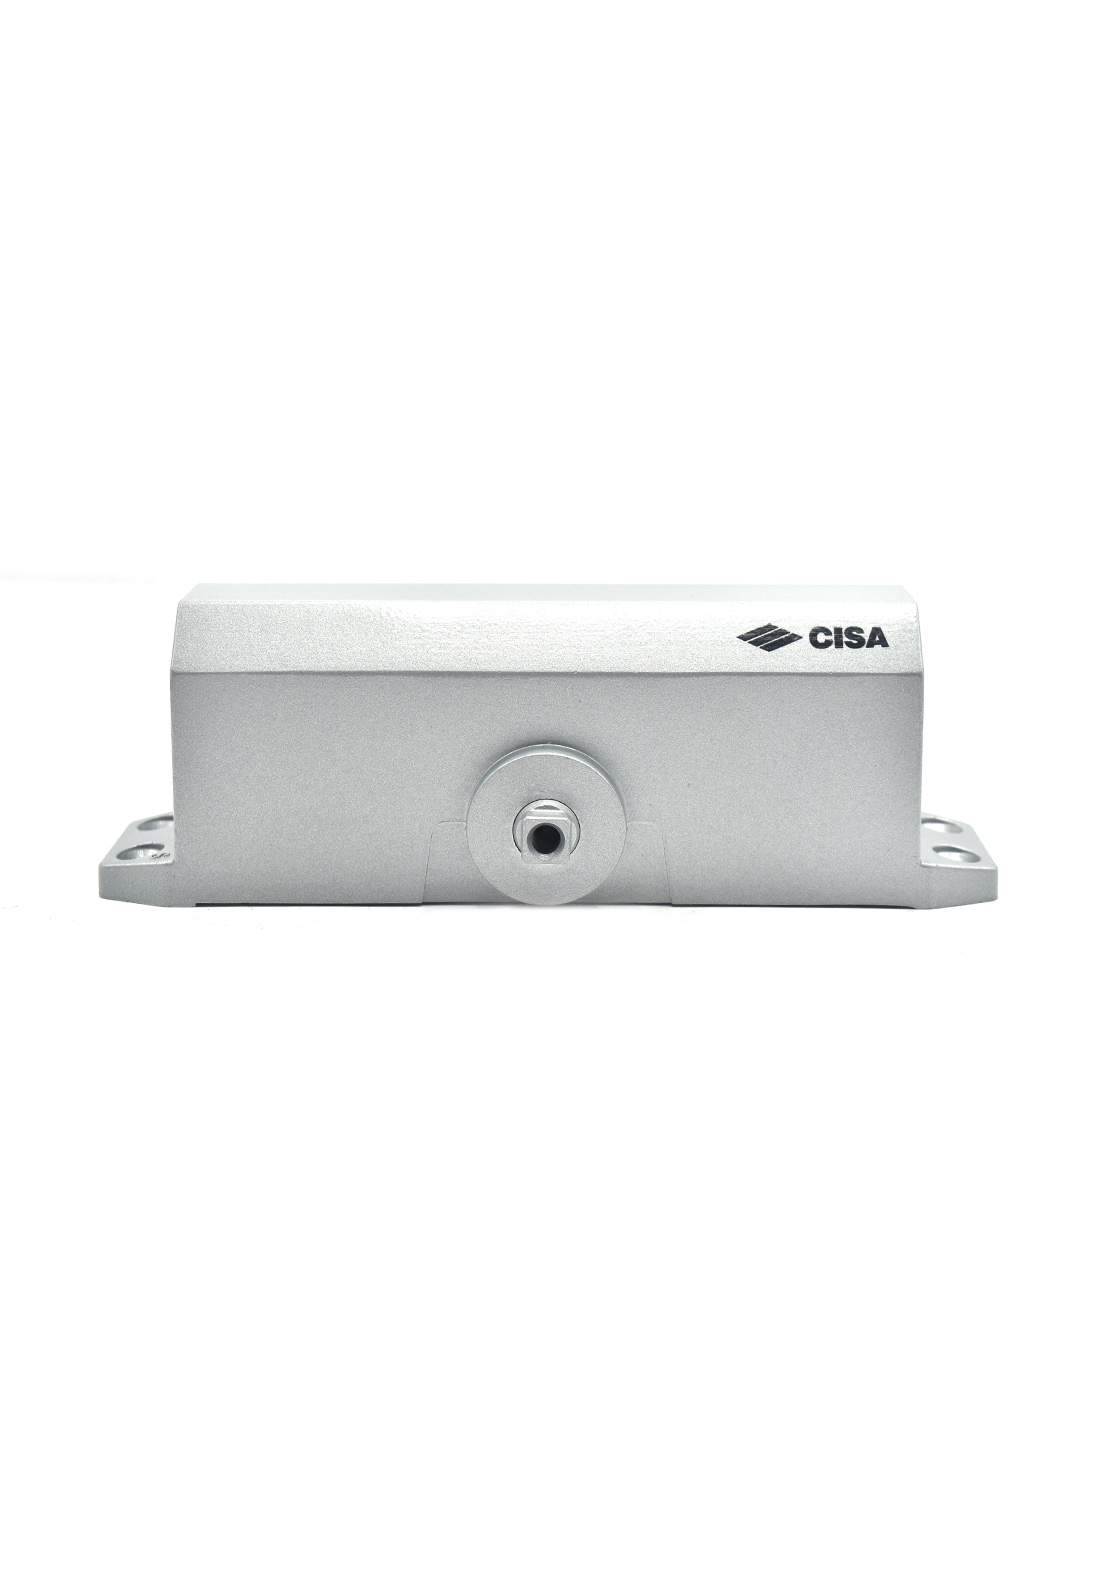 Cisa 60461.03.0.88 Hadrolek Door Lock Stop 80 Kg قفل باب هايدروليك